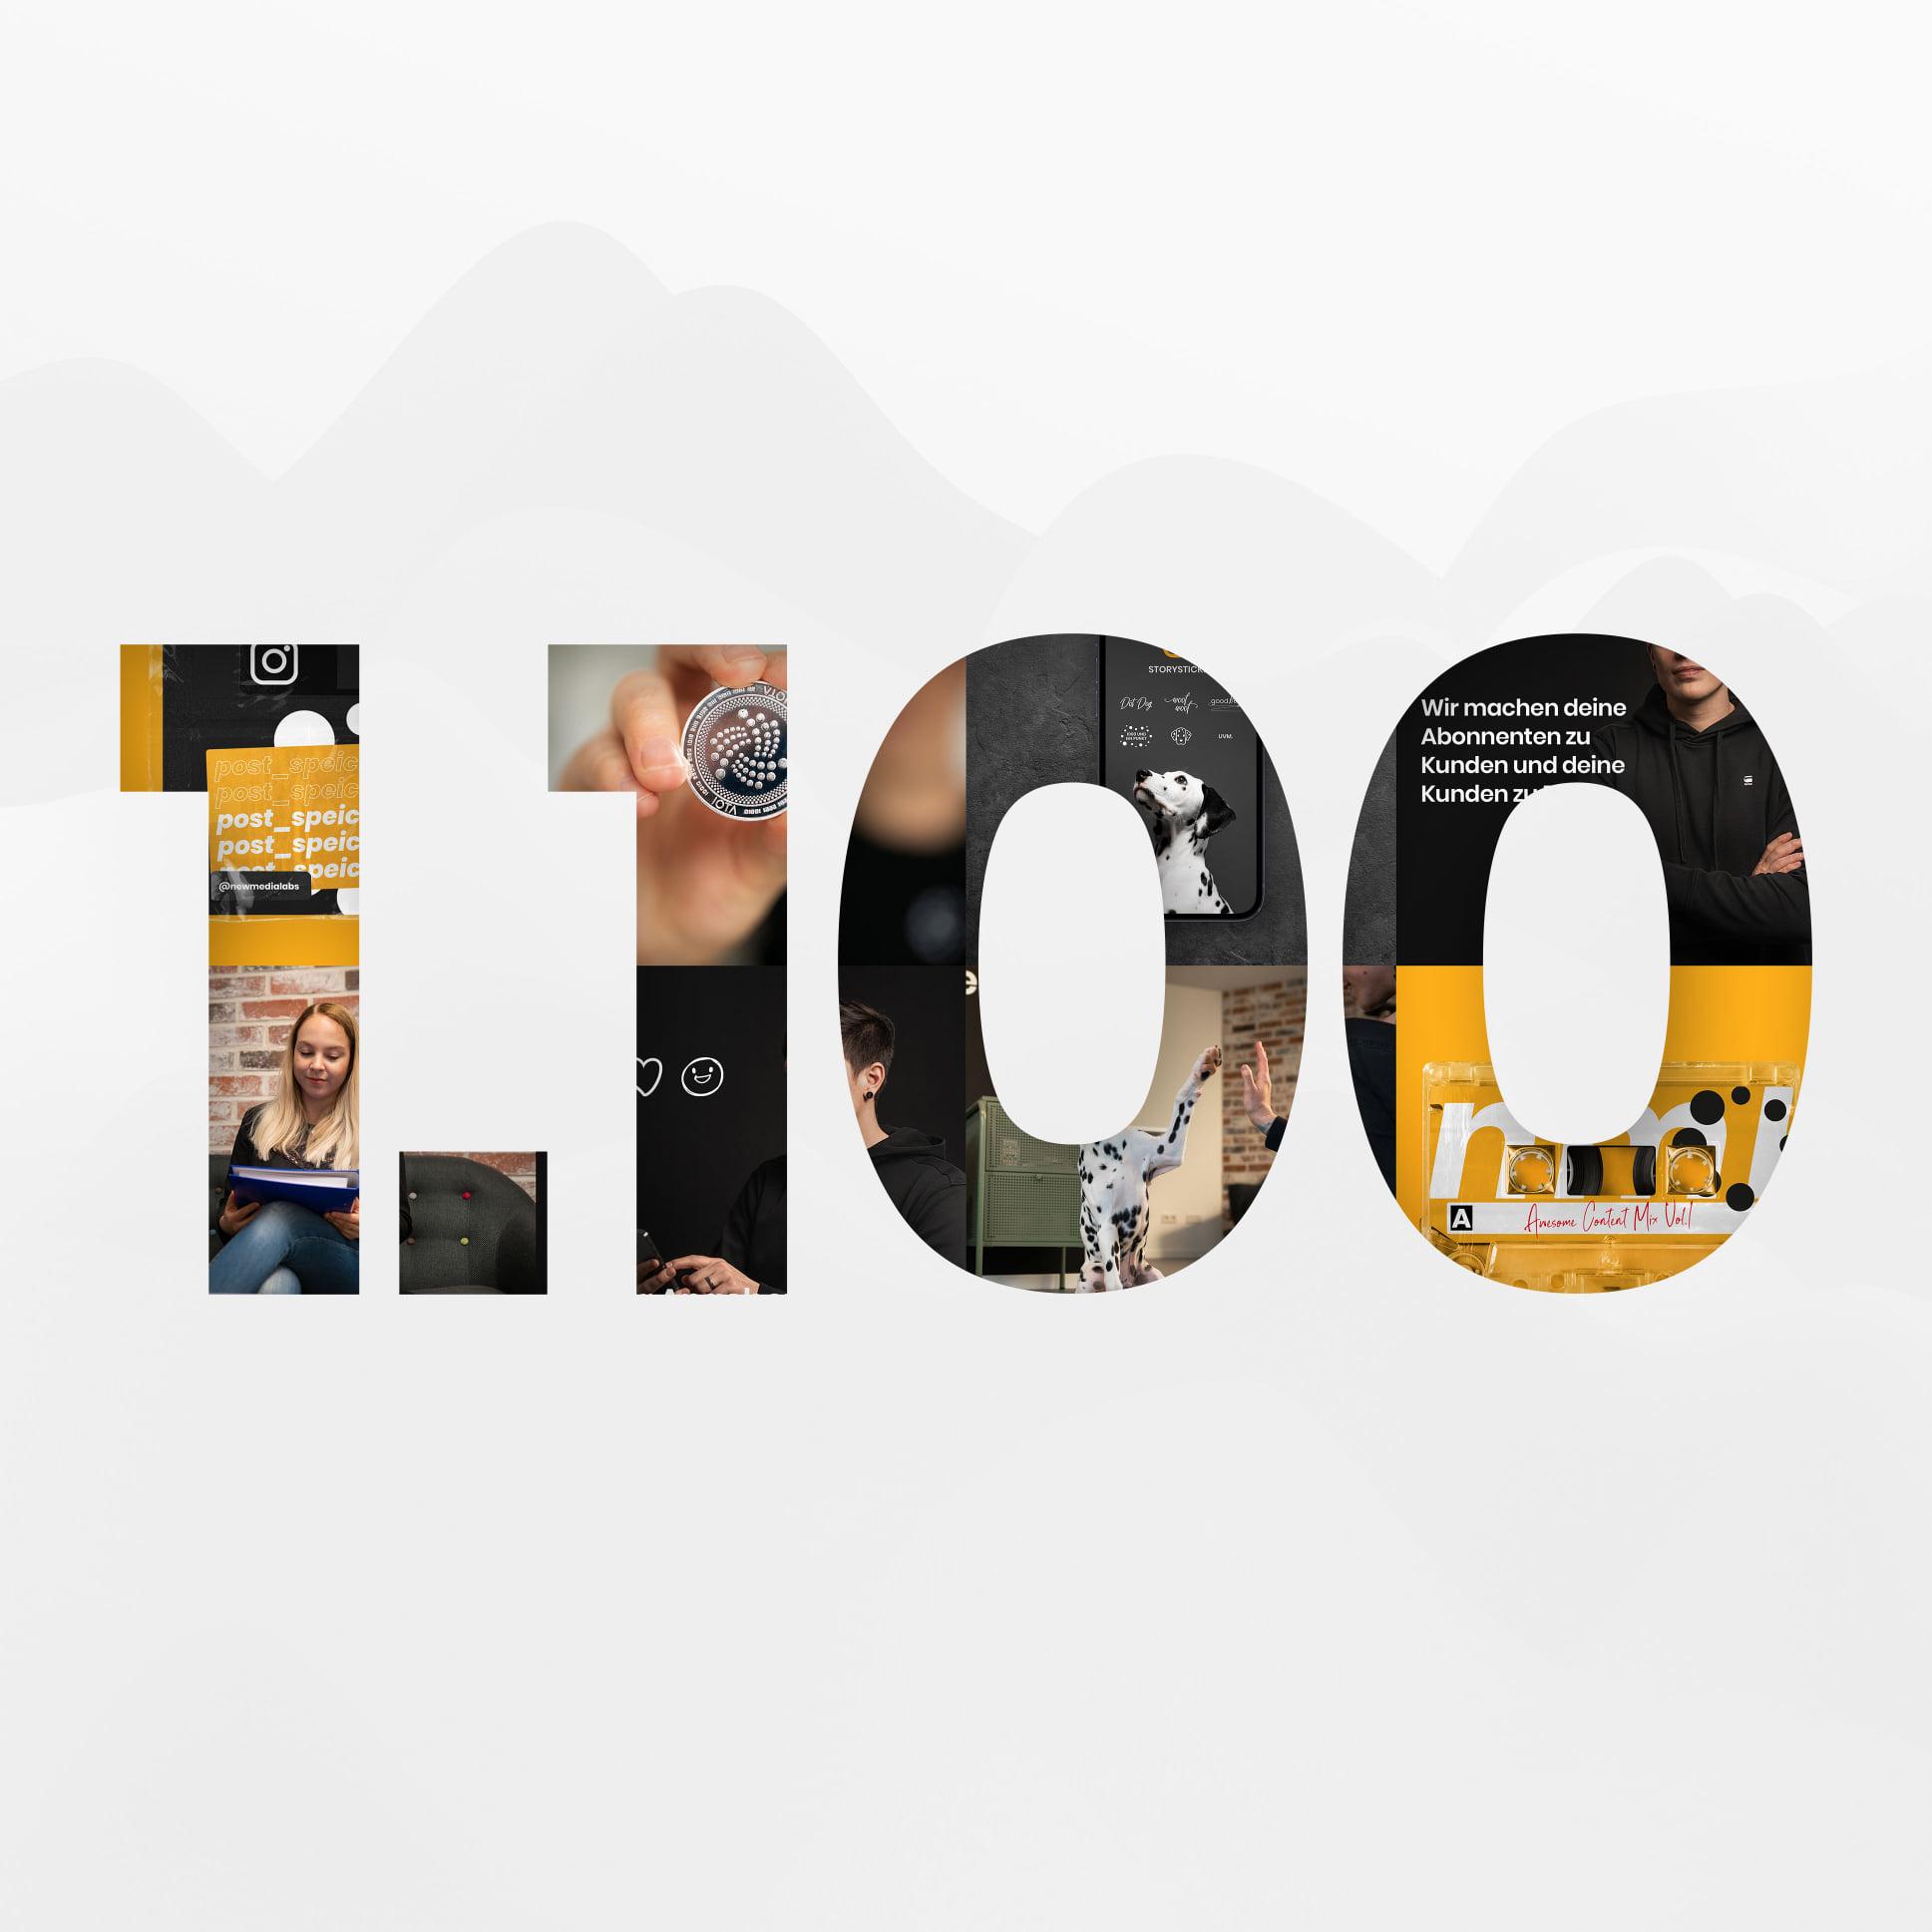 WOW 1100 Follower auf Instagram 🥳!